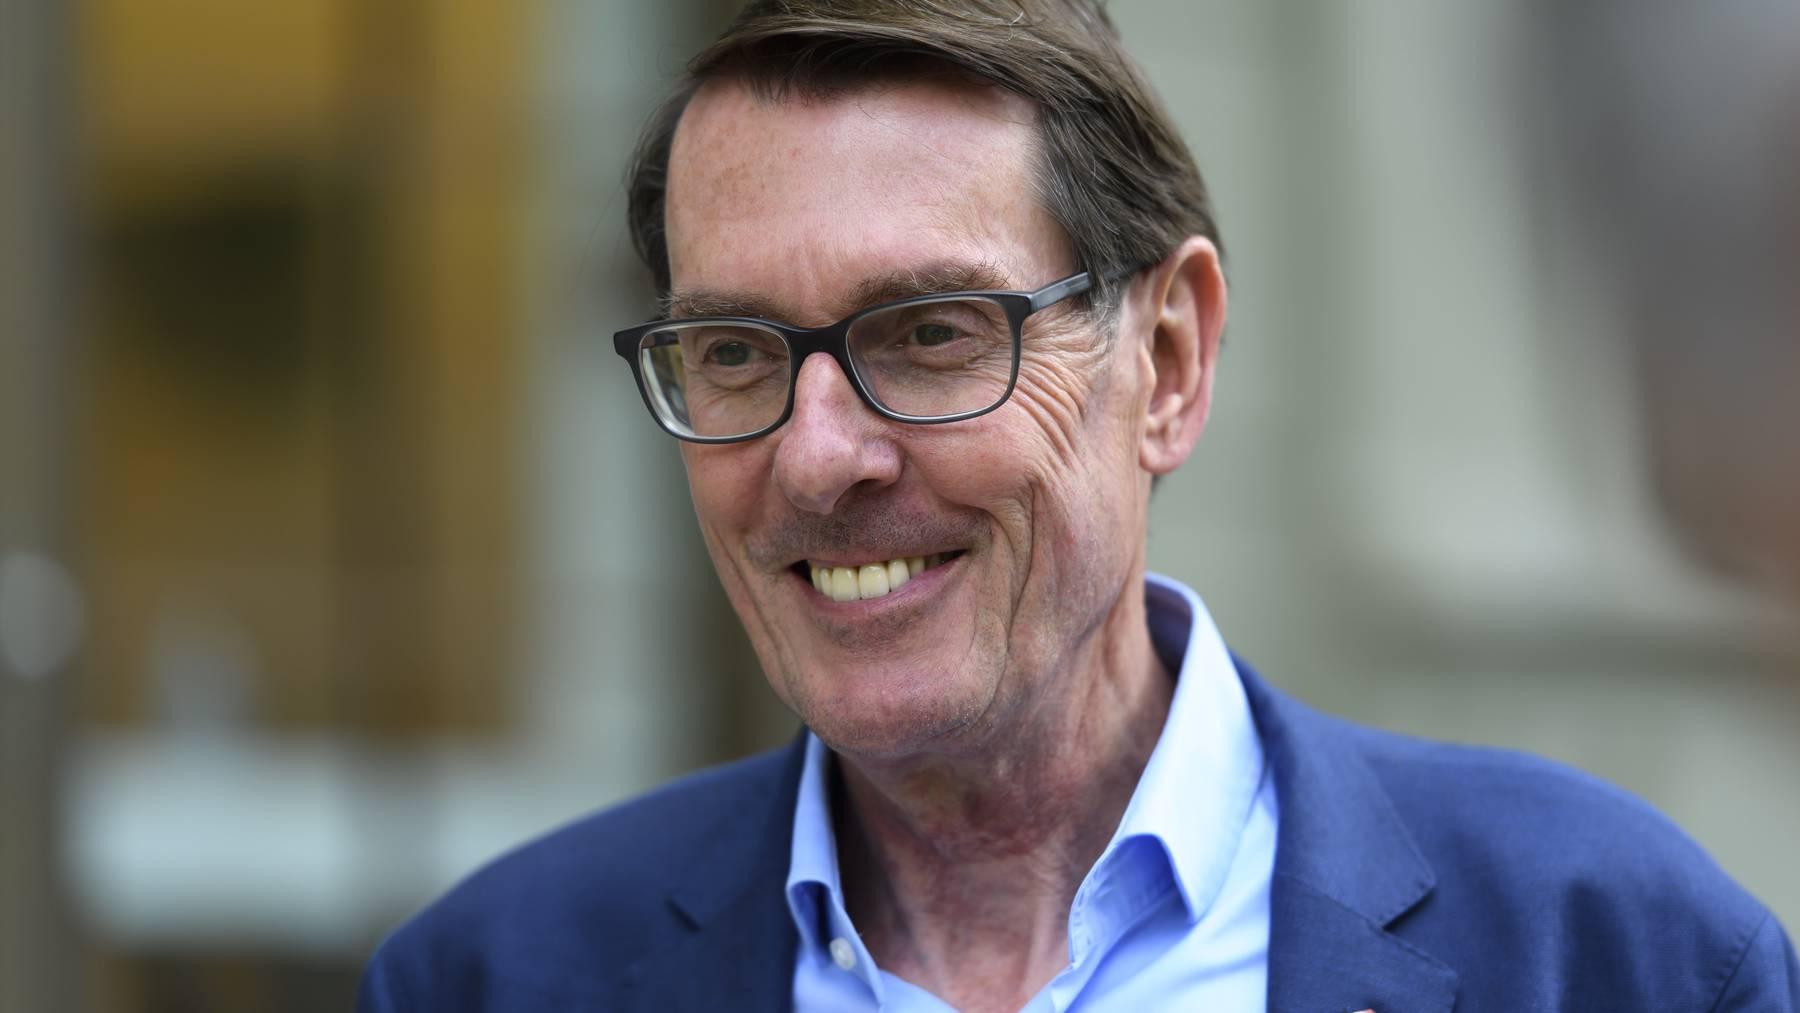 Fehler eingeräumt: Hotelleriesuisse-Chef Andreas Züllig hatte im Oktober gegen strengere Coronamassnahmen lobbyiert.